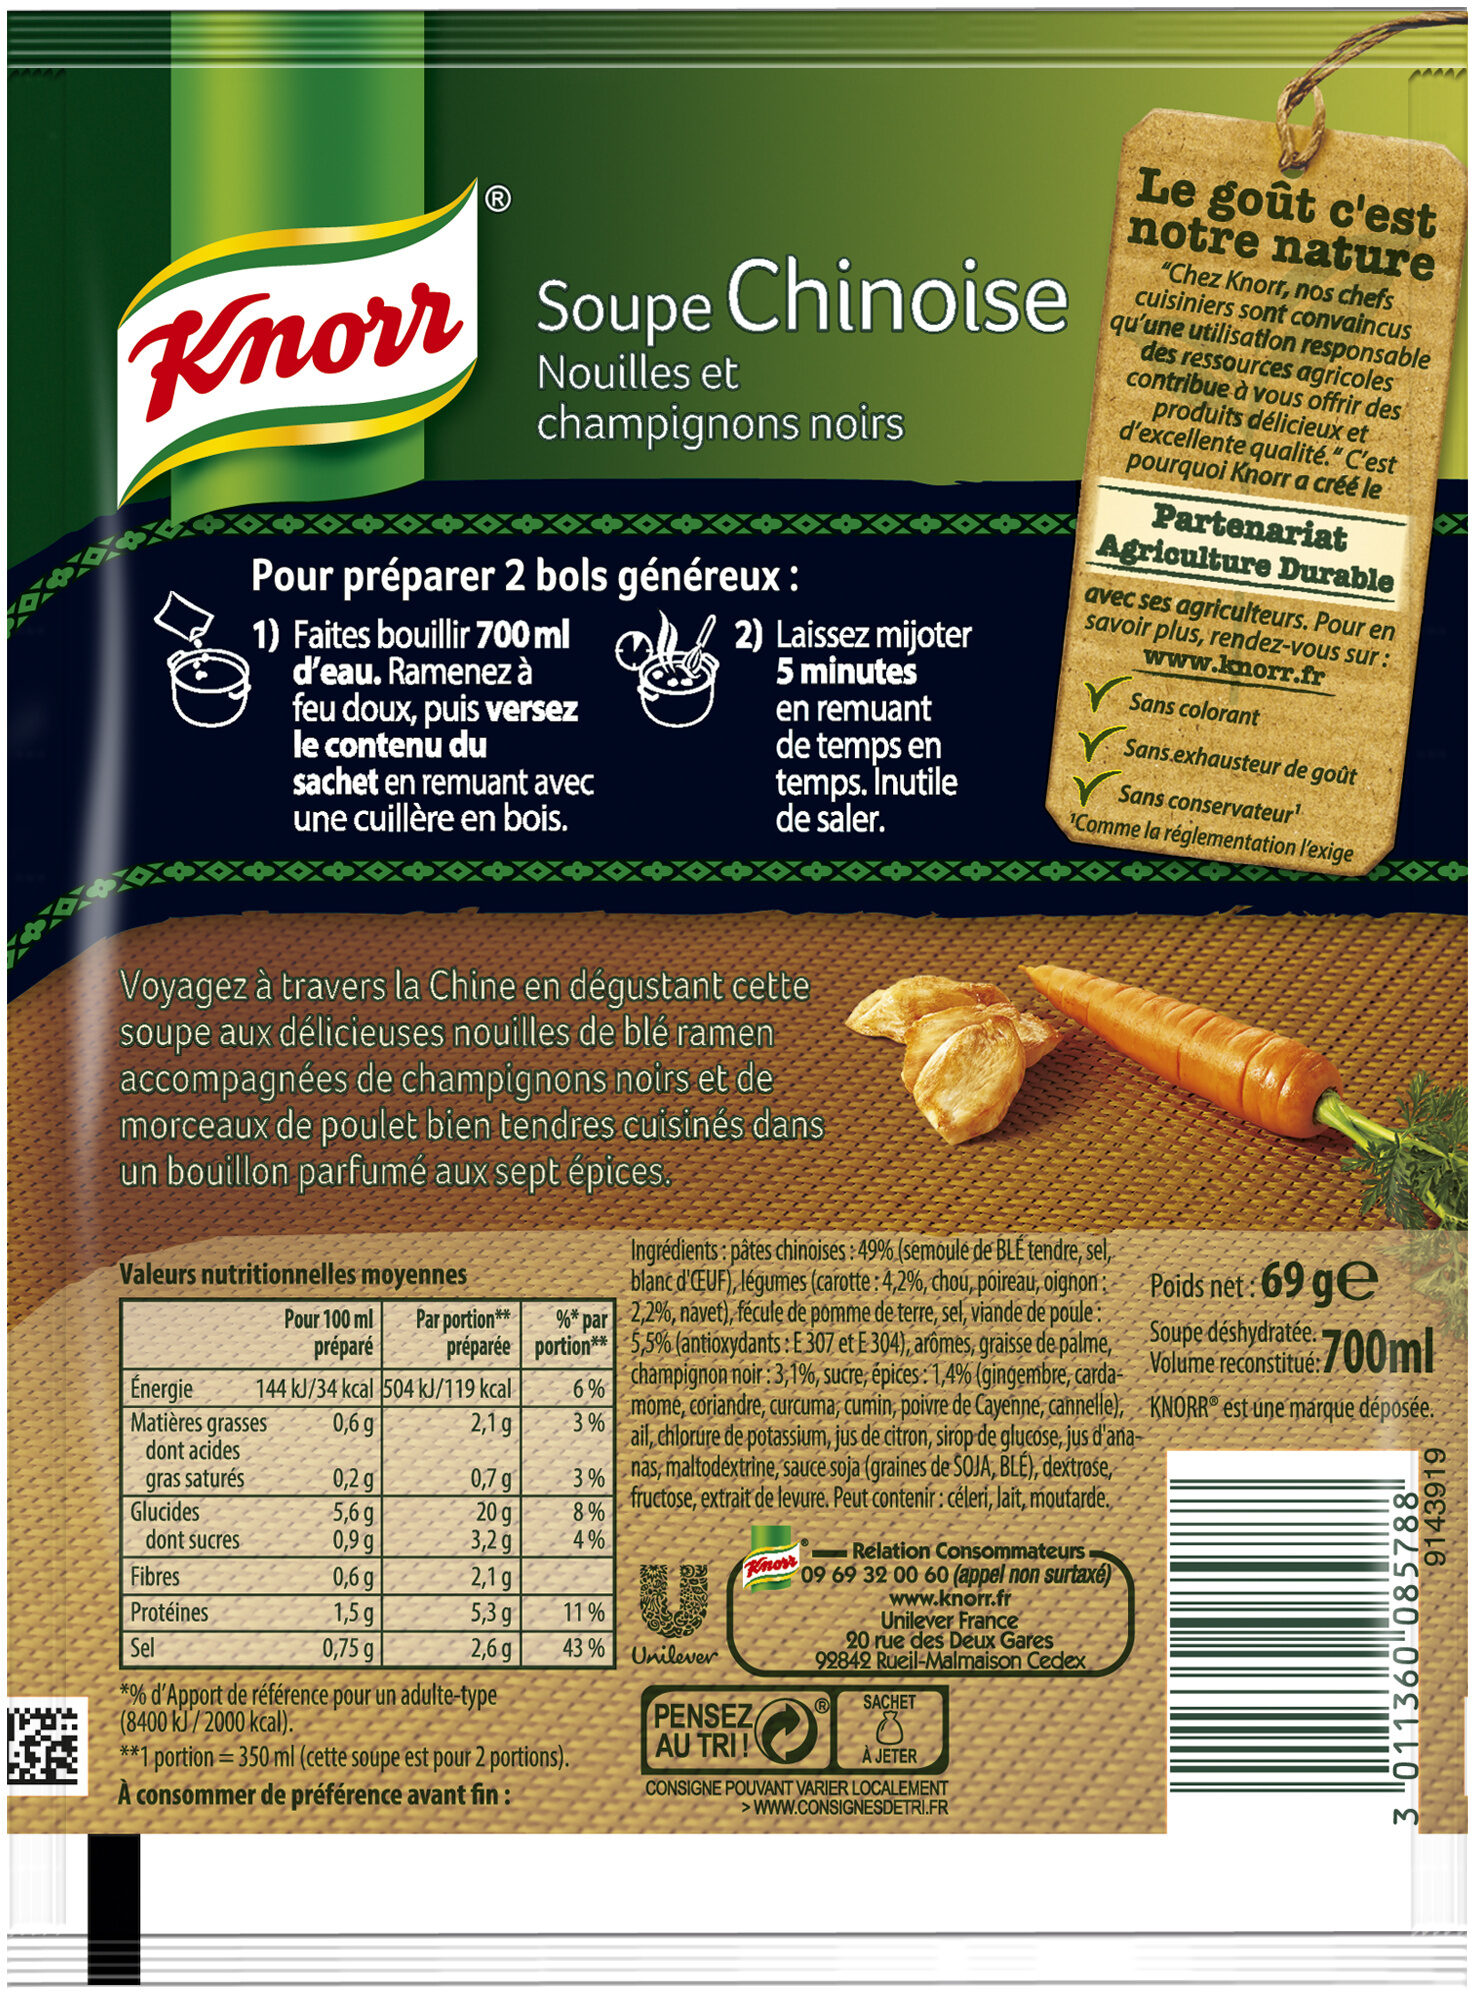 Knorr Soupe Déshydratée Chinoise Nouilles et Champignons Noirs Sachet 69g 2 Portions - Ingrediënten - fr